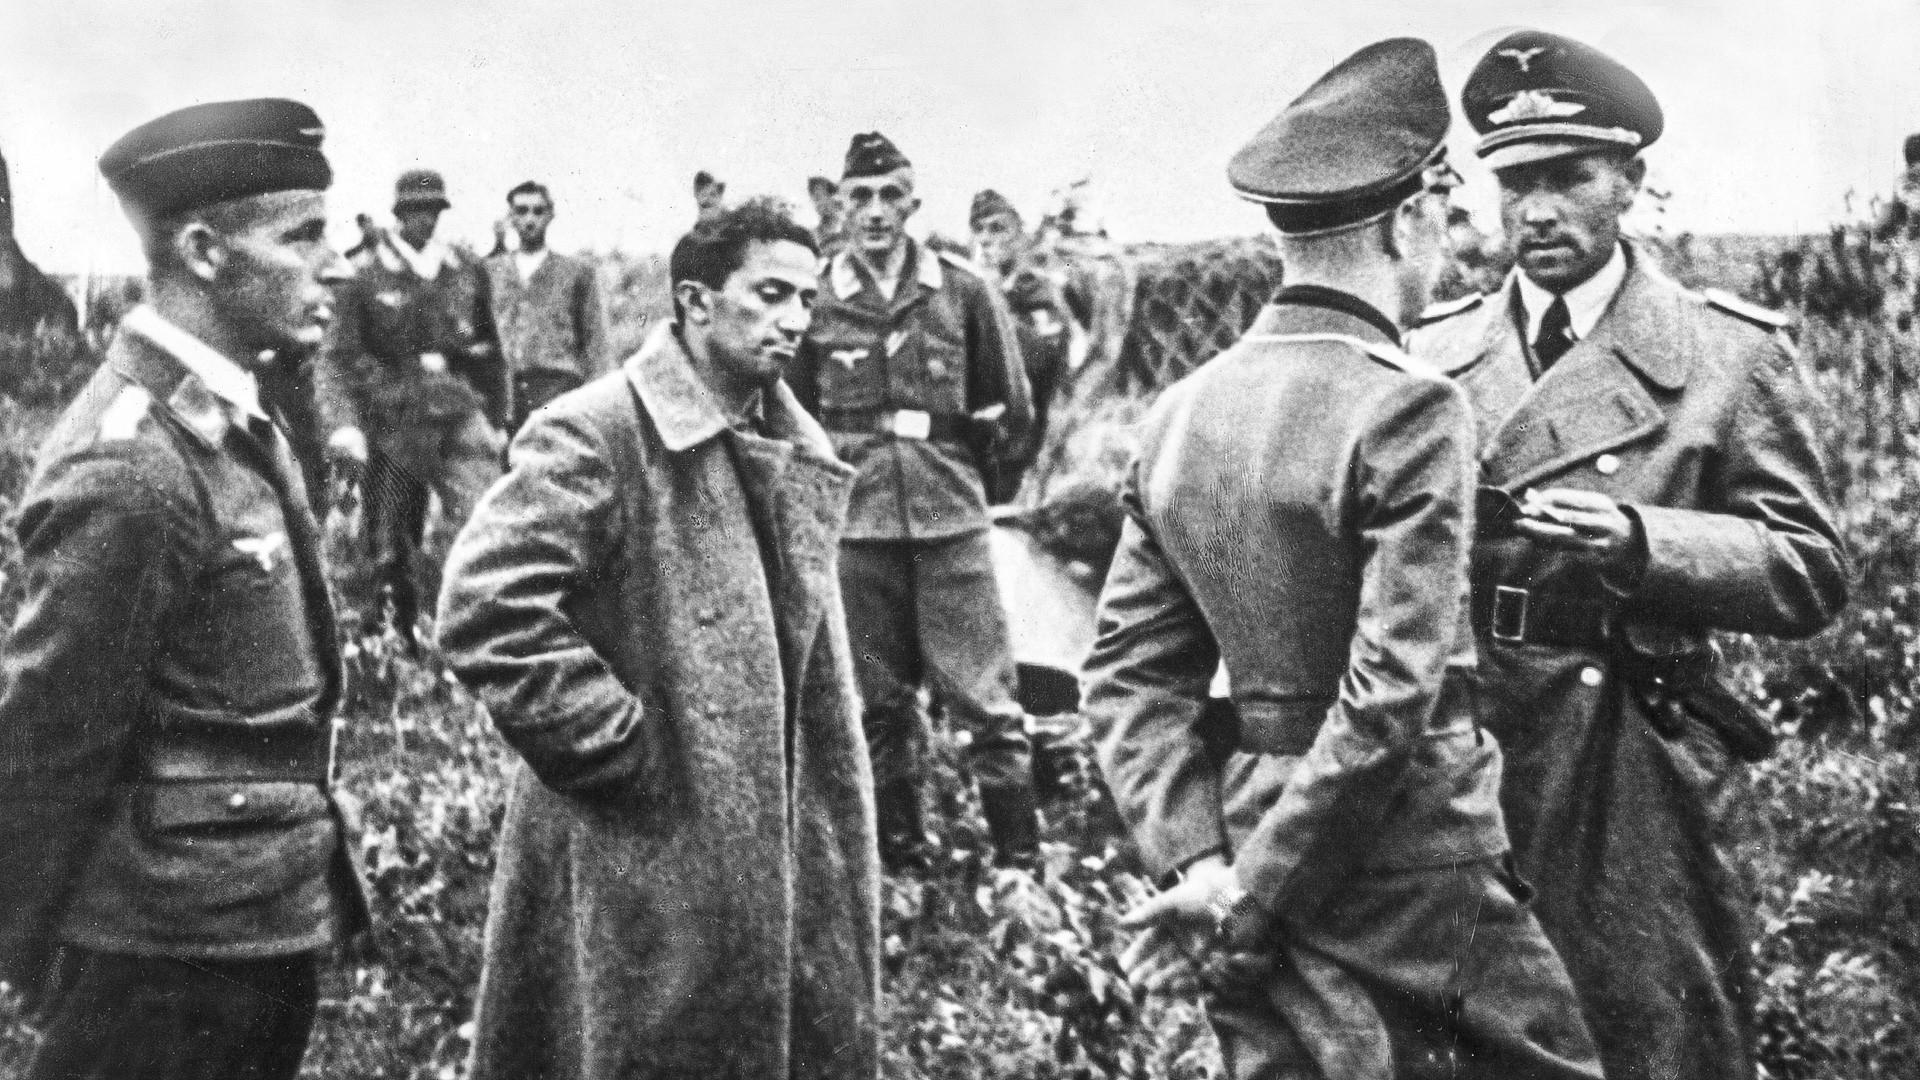 Iakov Djougachvili entouré d'officiers allemands après sa capture. En attente d'un transfert aérien vers l'arrière pour être interrogé.